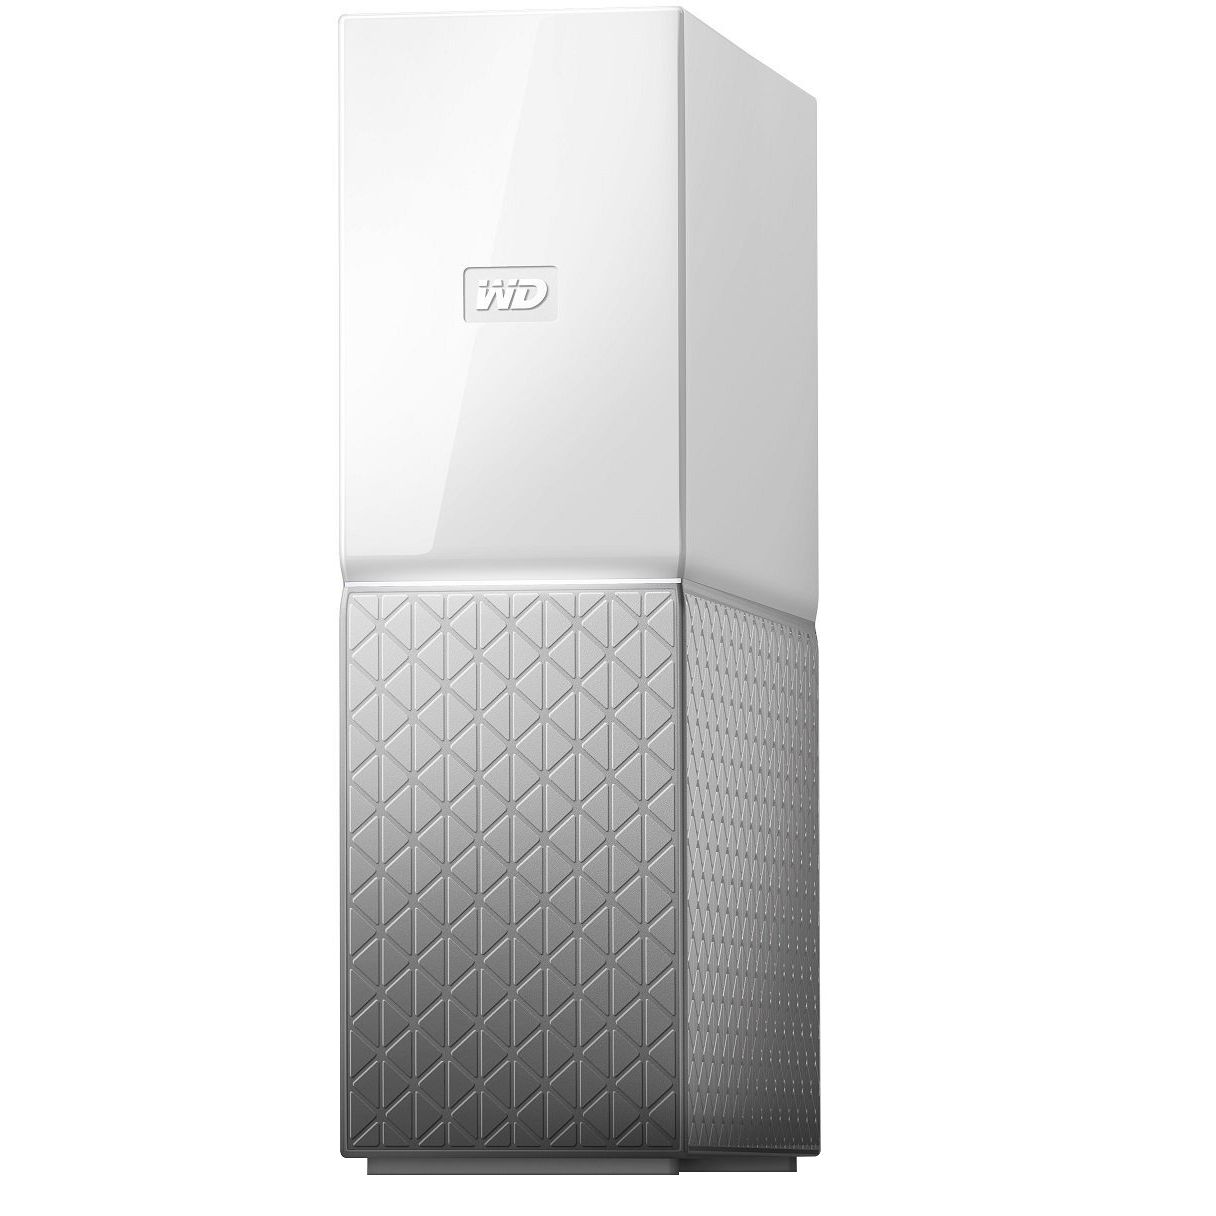 """HDD extern Western Digital MyCloud Home, WDBVXC0030HWT, 3.5"""", 7200RPM, Gigabit, Ethernet, USB, 3TB, White"""